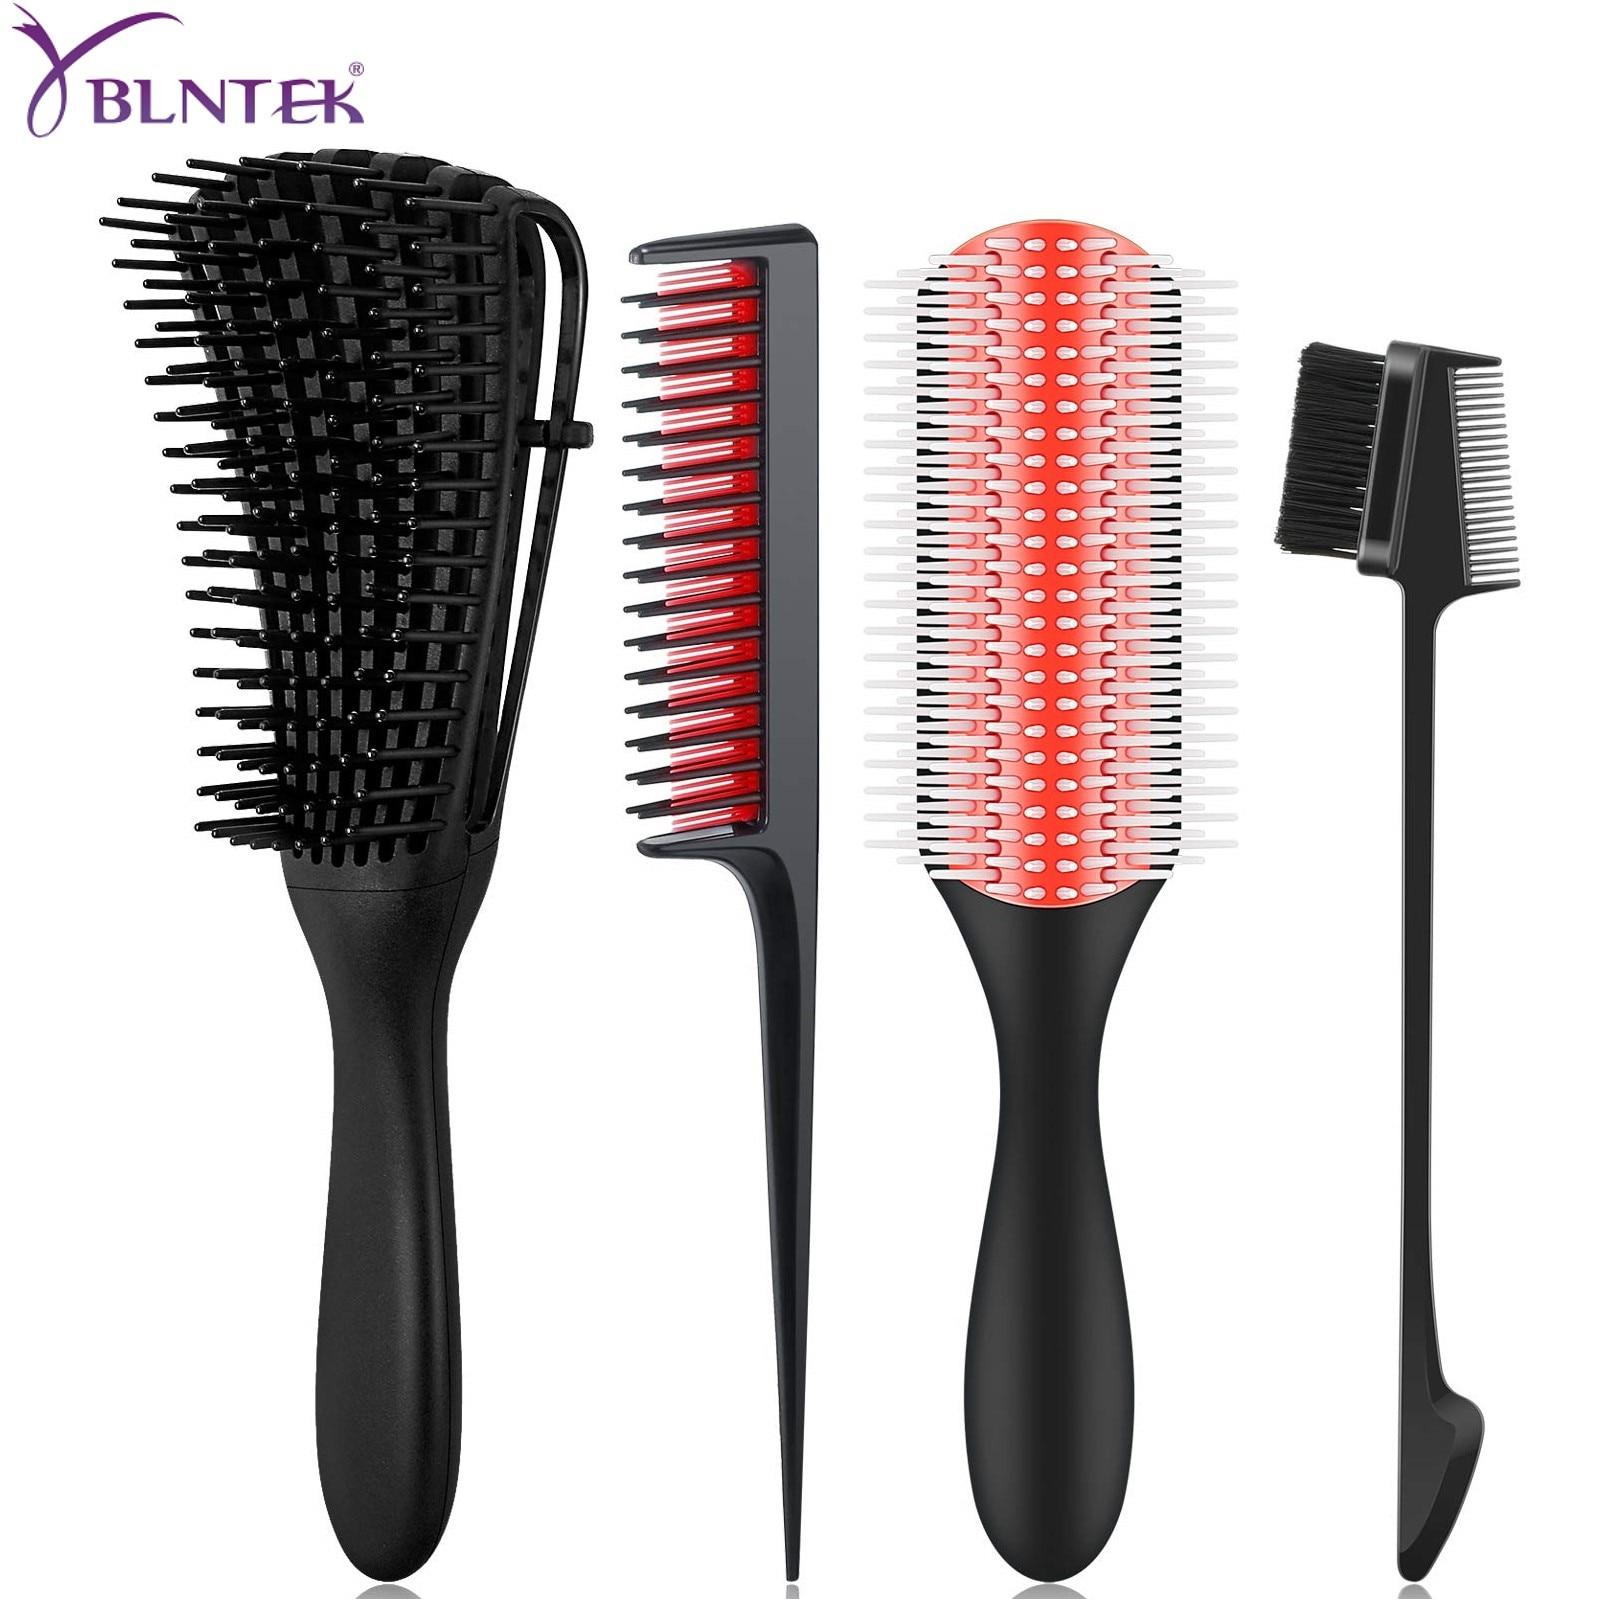 Щетка для распутывания волос YBLNTEK, распутыватель волос, 9 рядов, с нейлоновой щетиной, щетка для края, гребень для крысиного хвоста для 3-4c, вью...